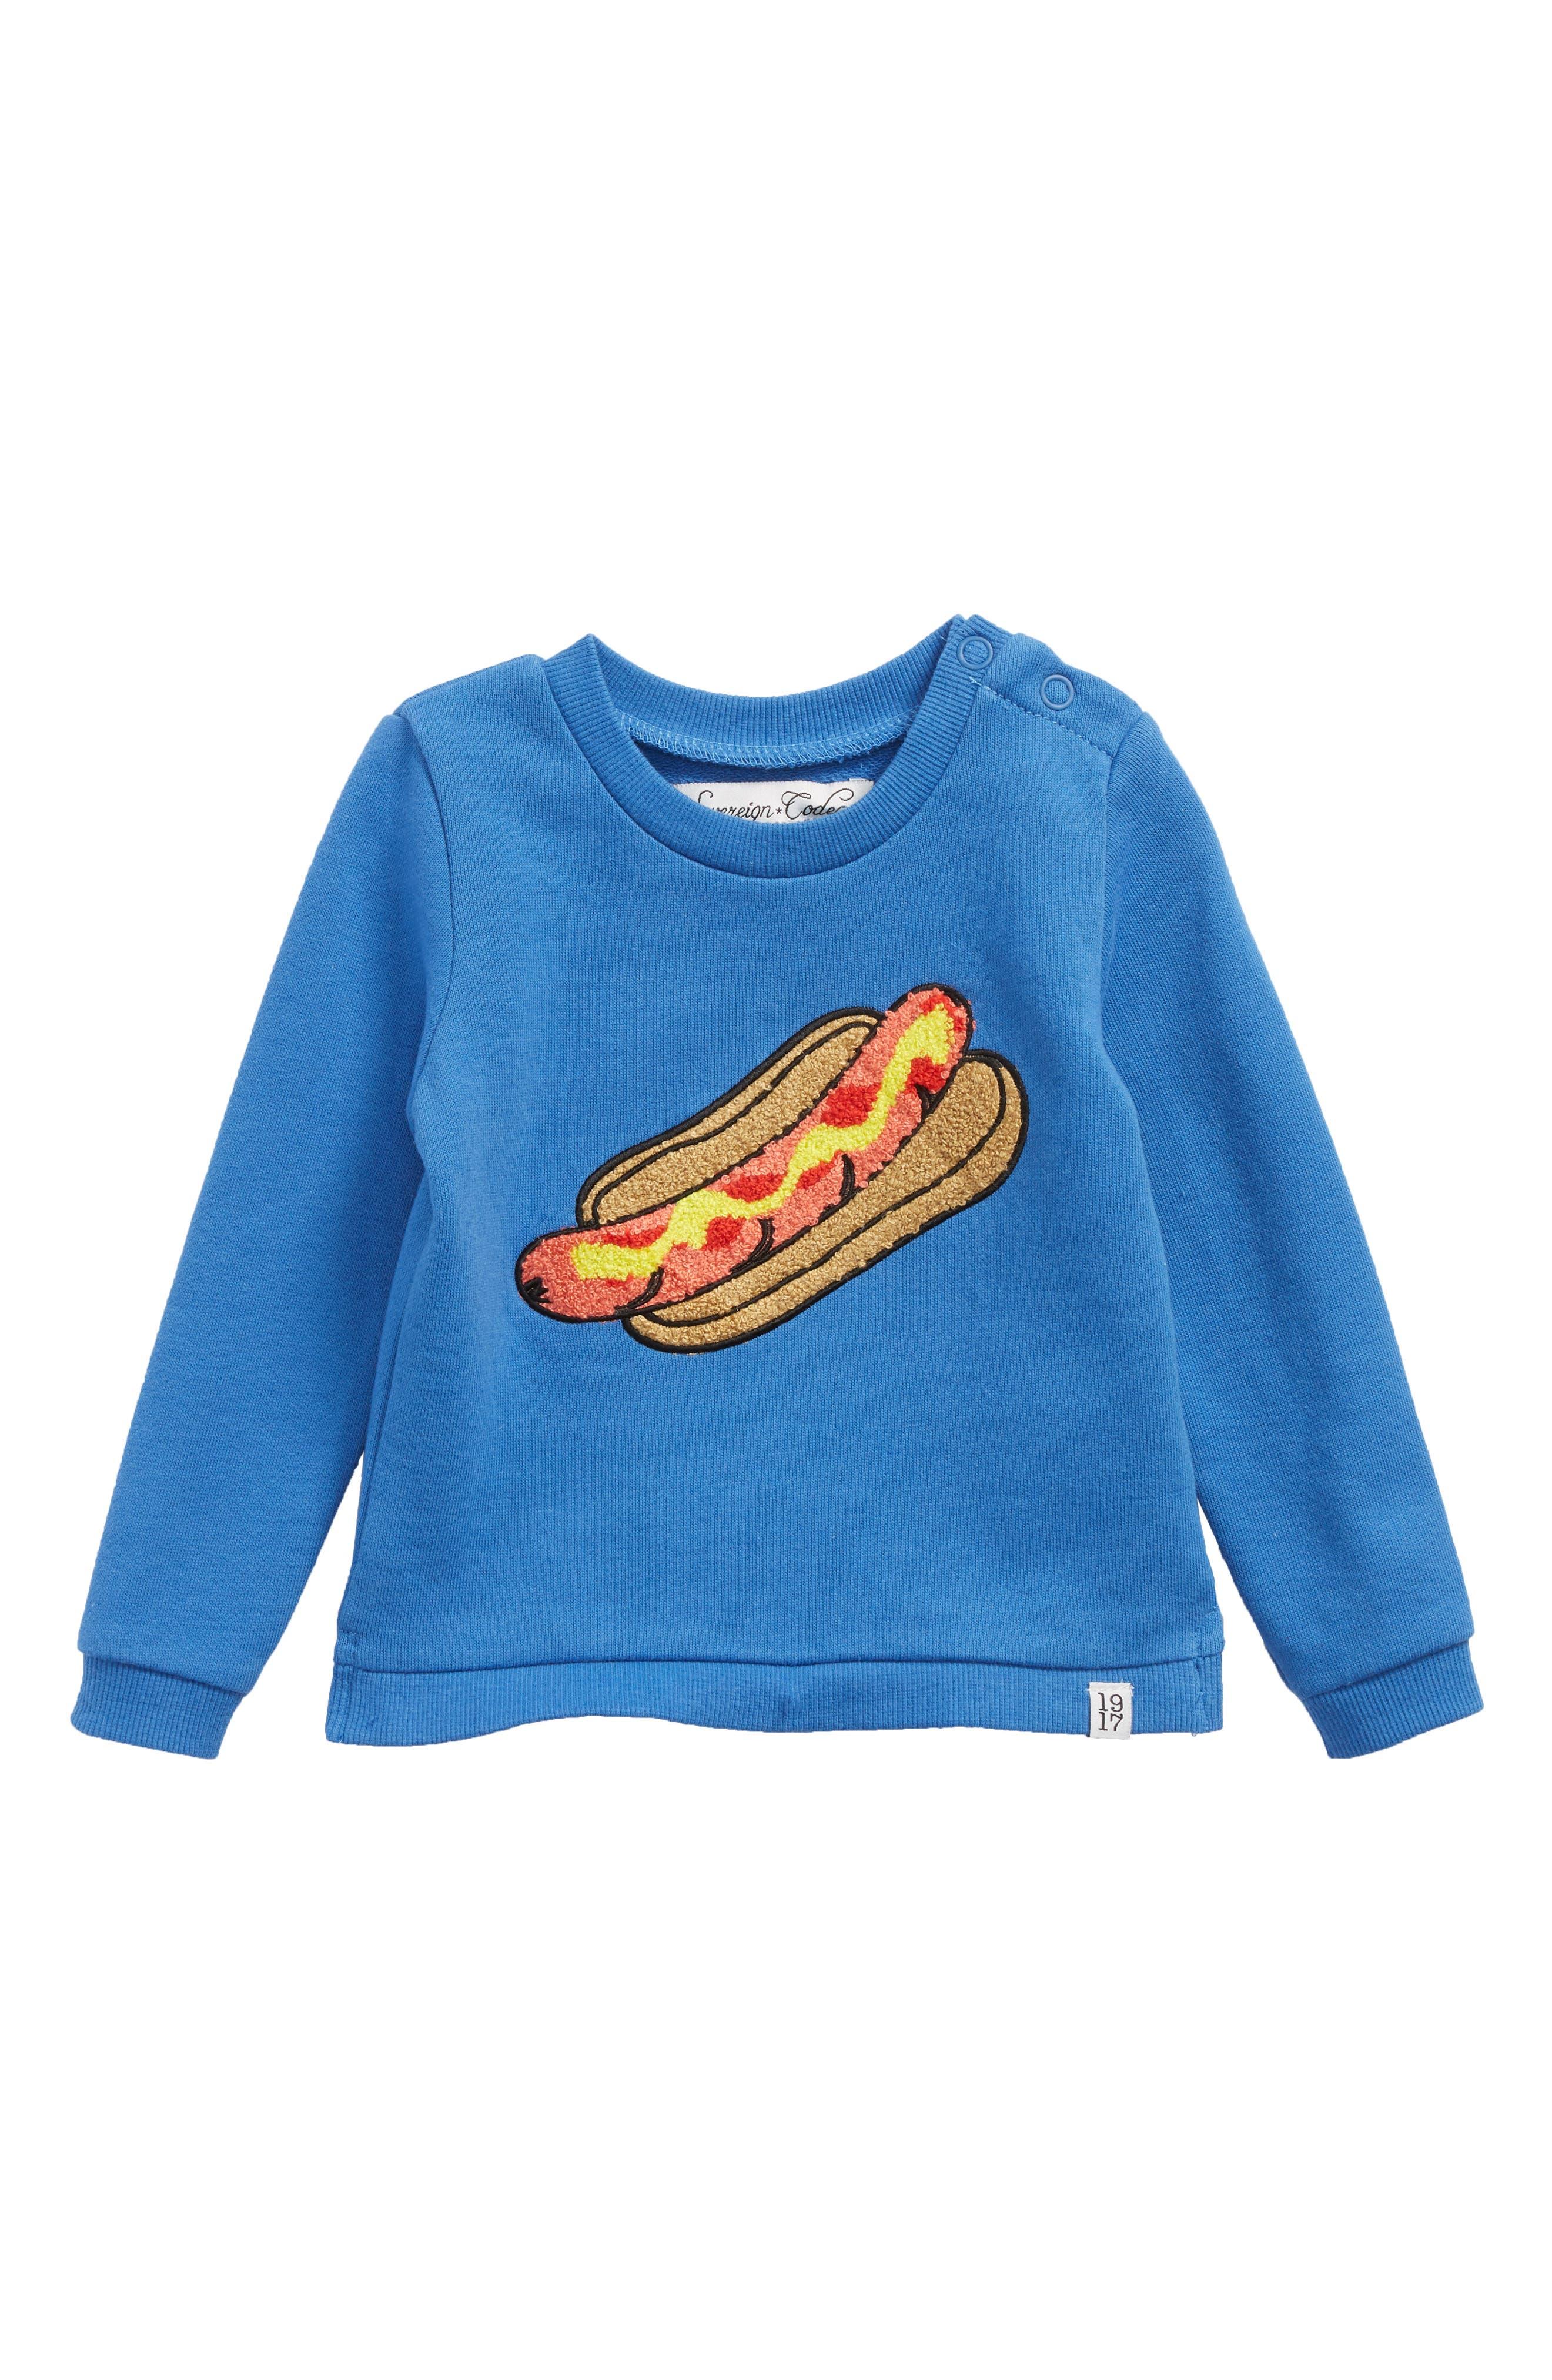 Whoa Sweatshirt,                         Main,                         color, Blue